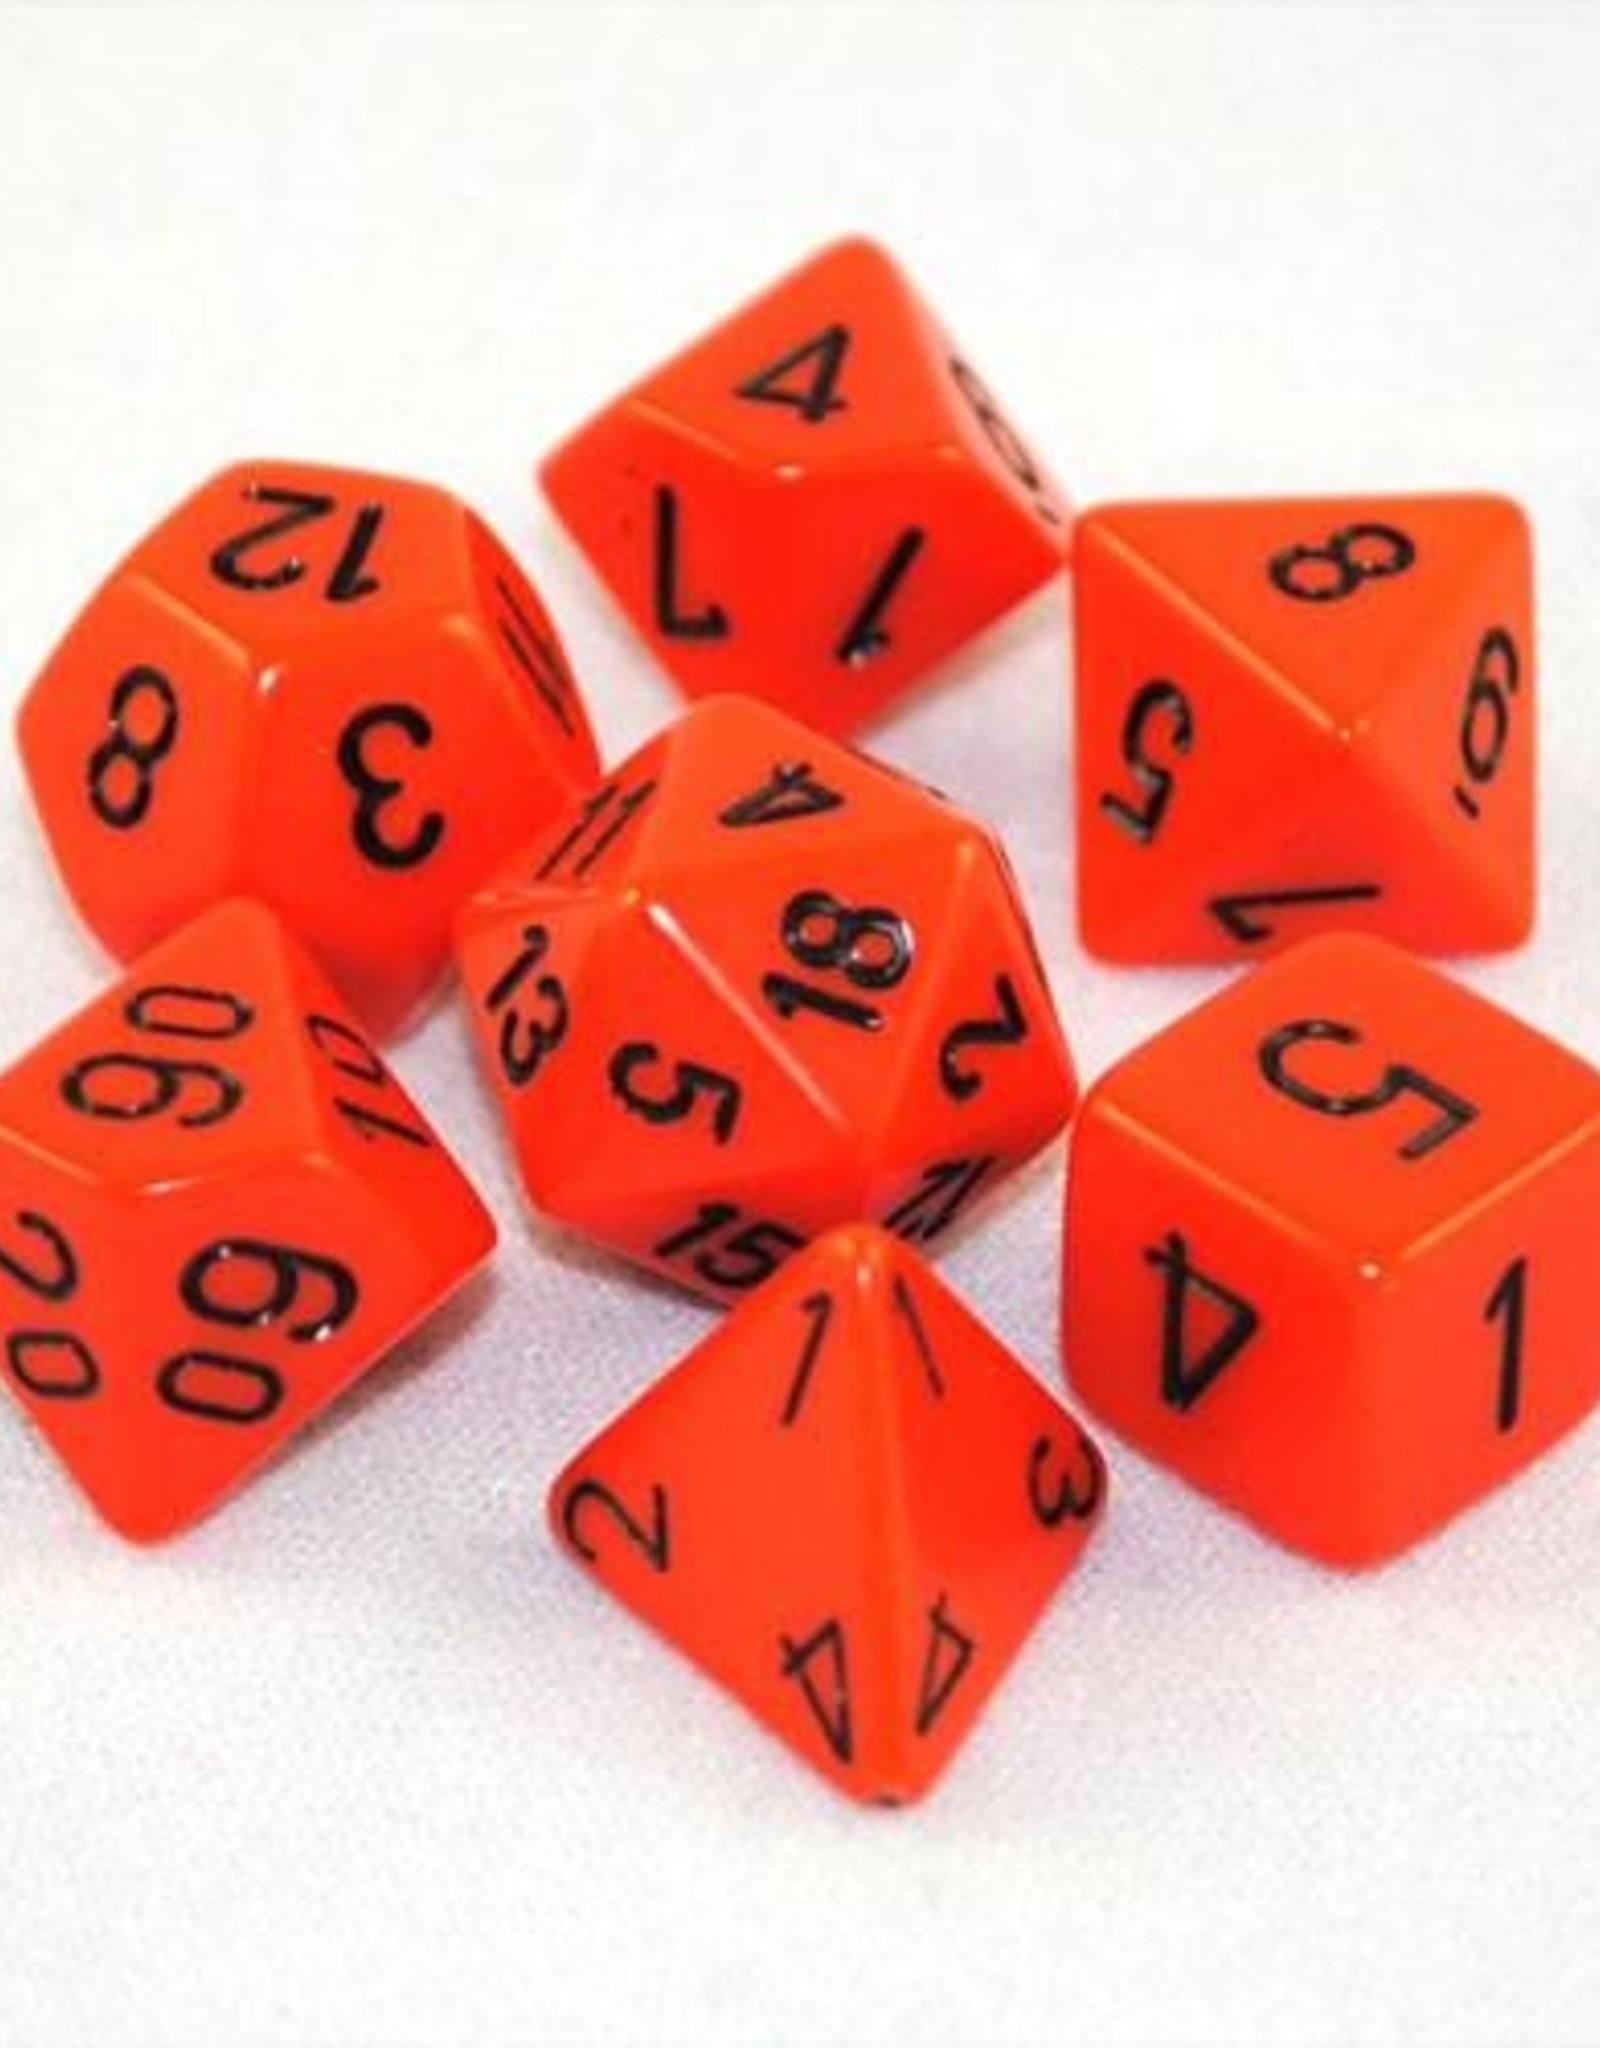 Chessex Chessex 7-Die set Opaque - Orange/Black